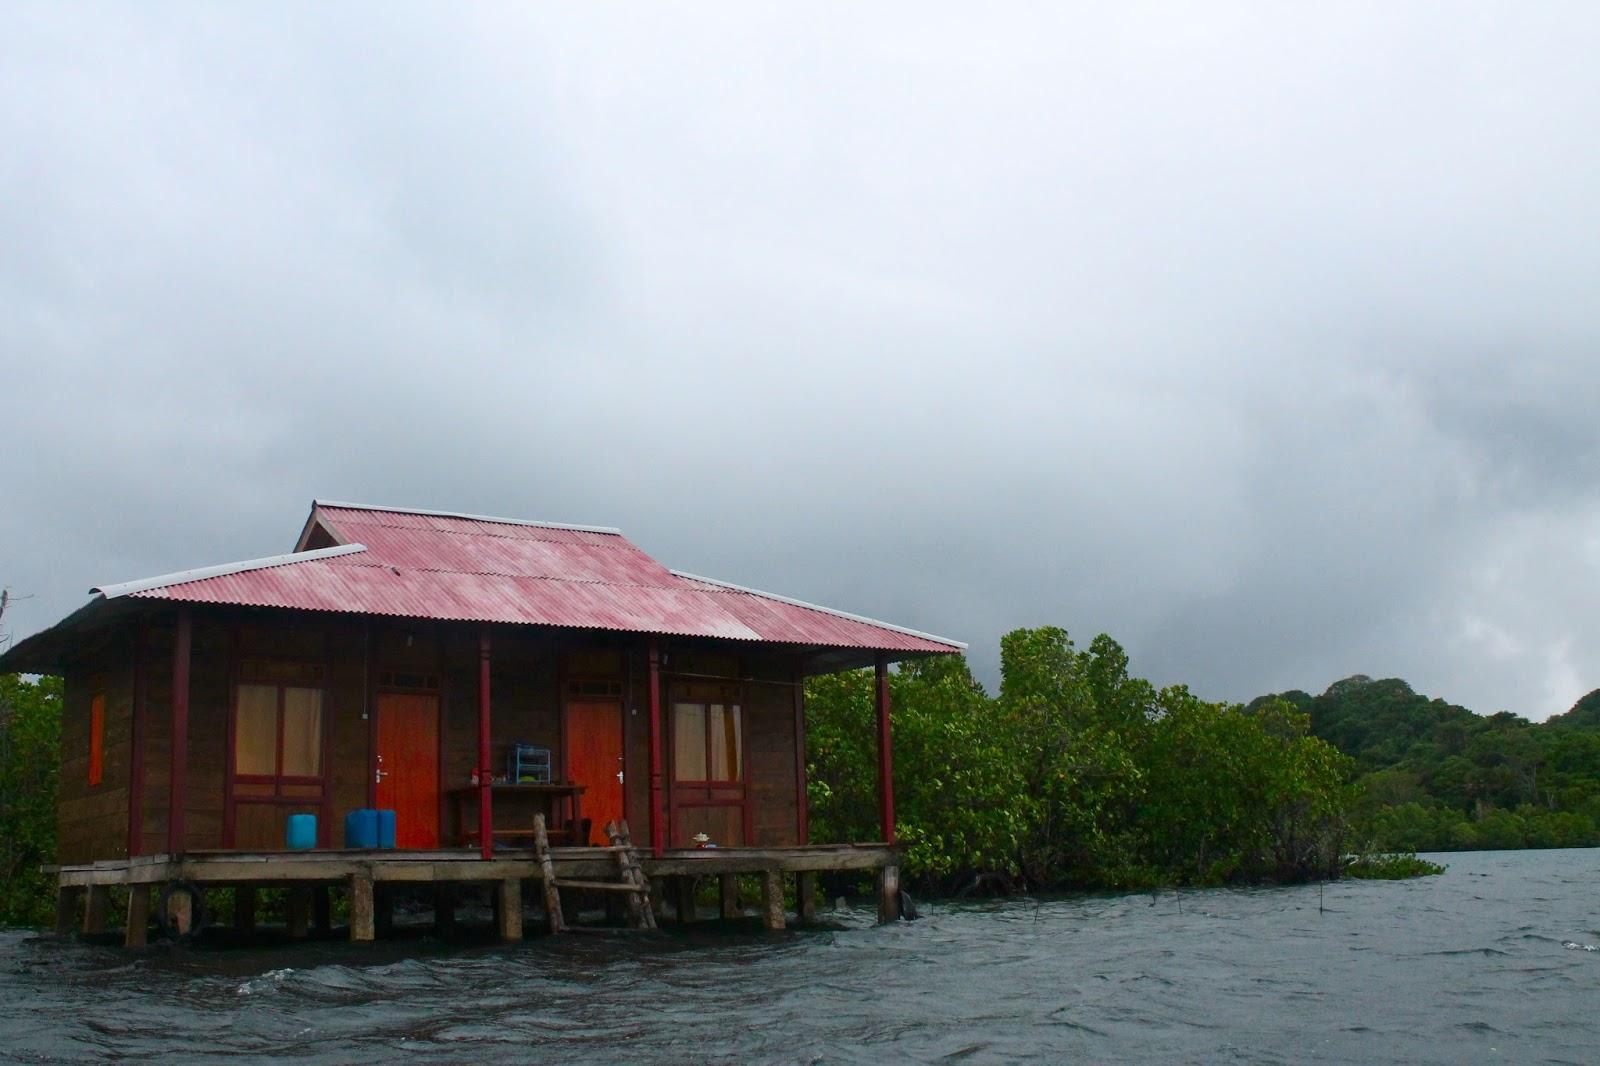 Desa Wisata Bahari Tumbak Posumaen Minahasa Tenggara Sulawesi Utara Jarak